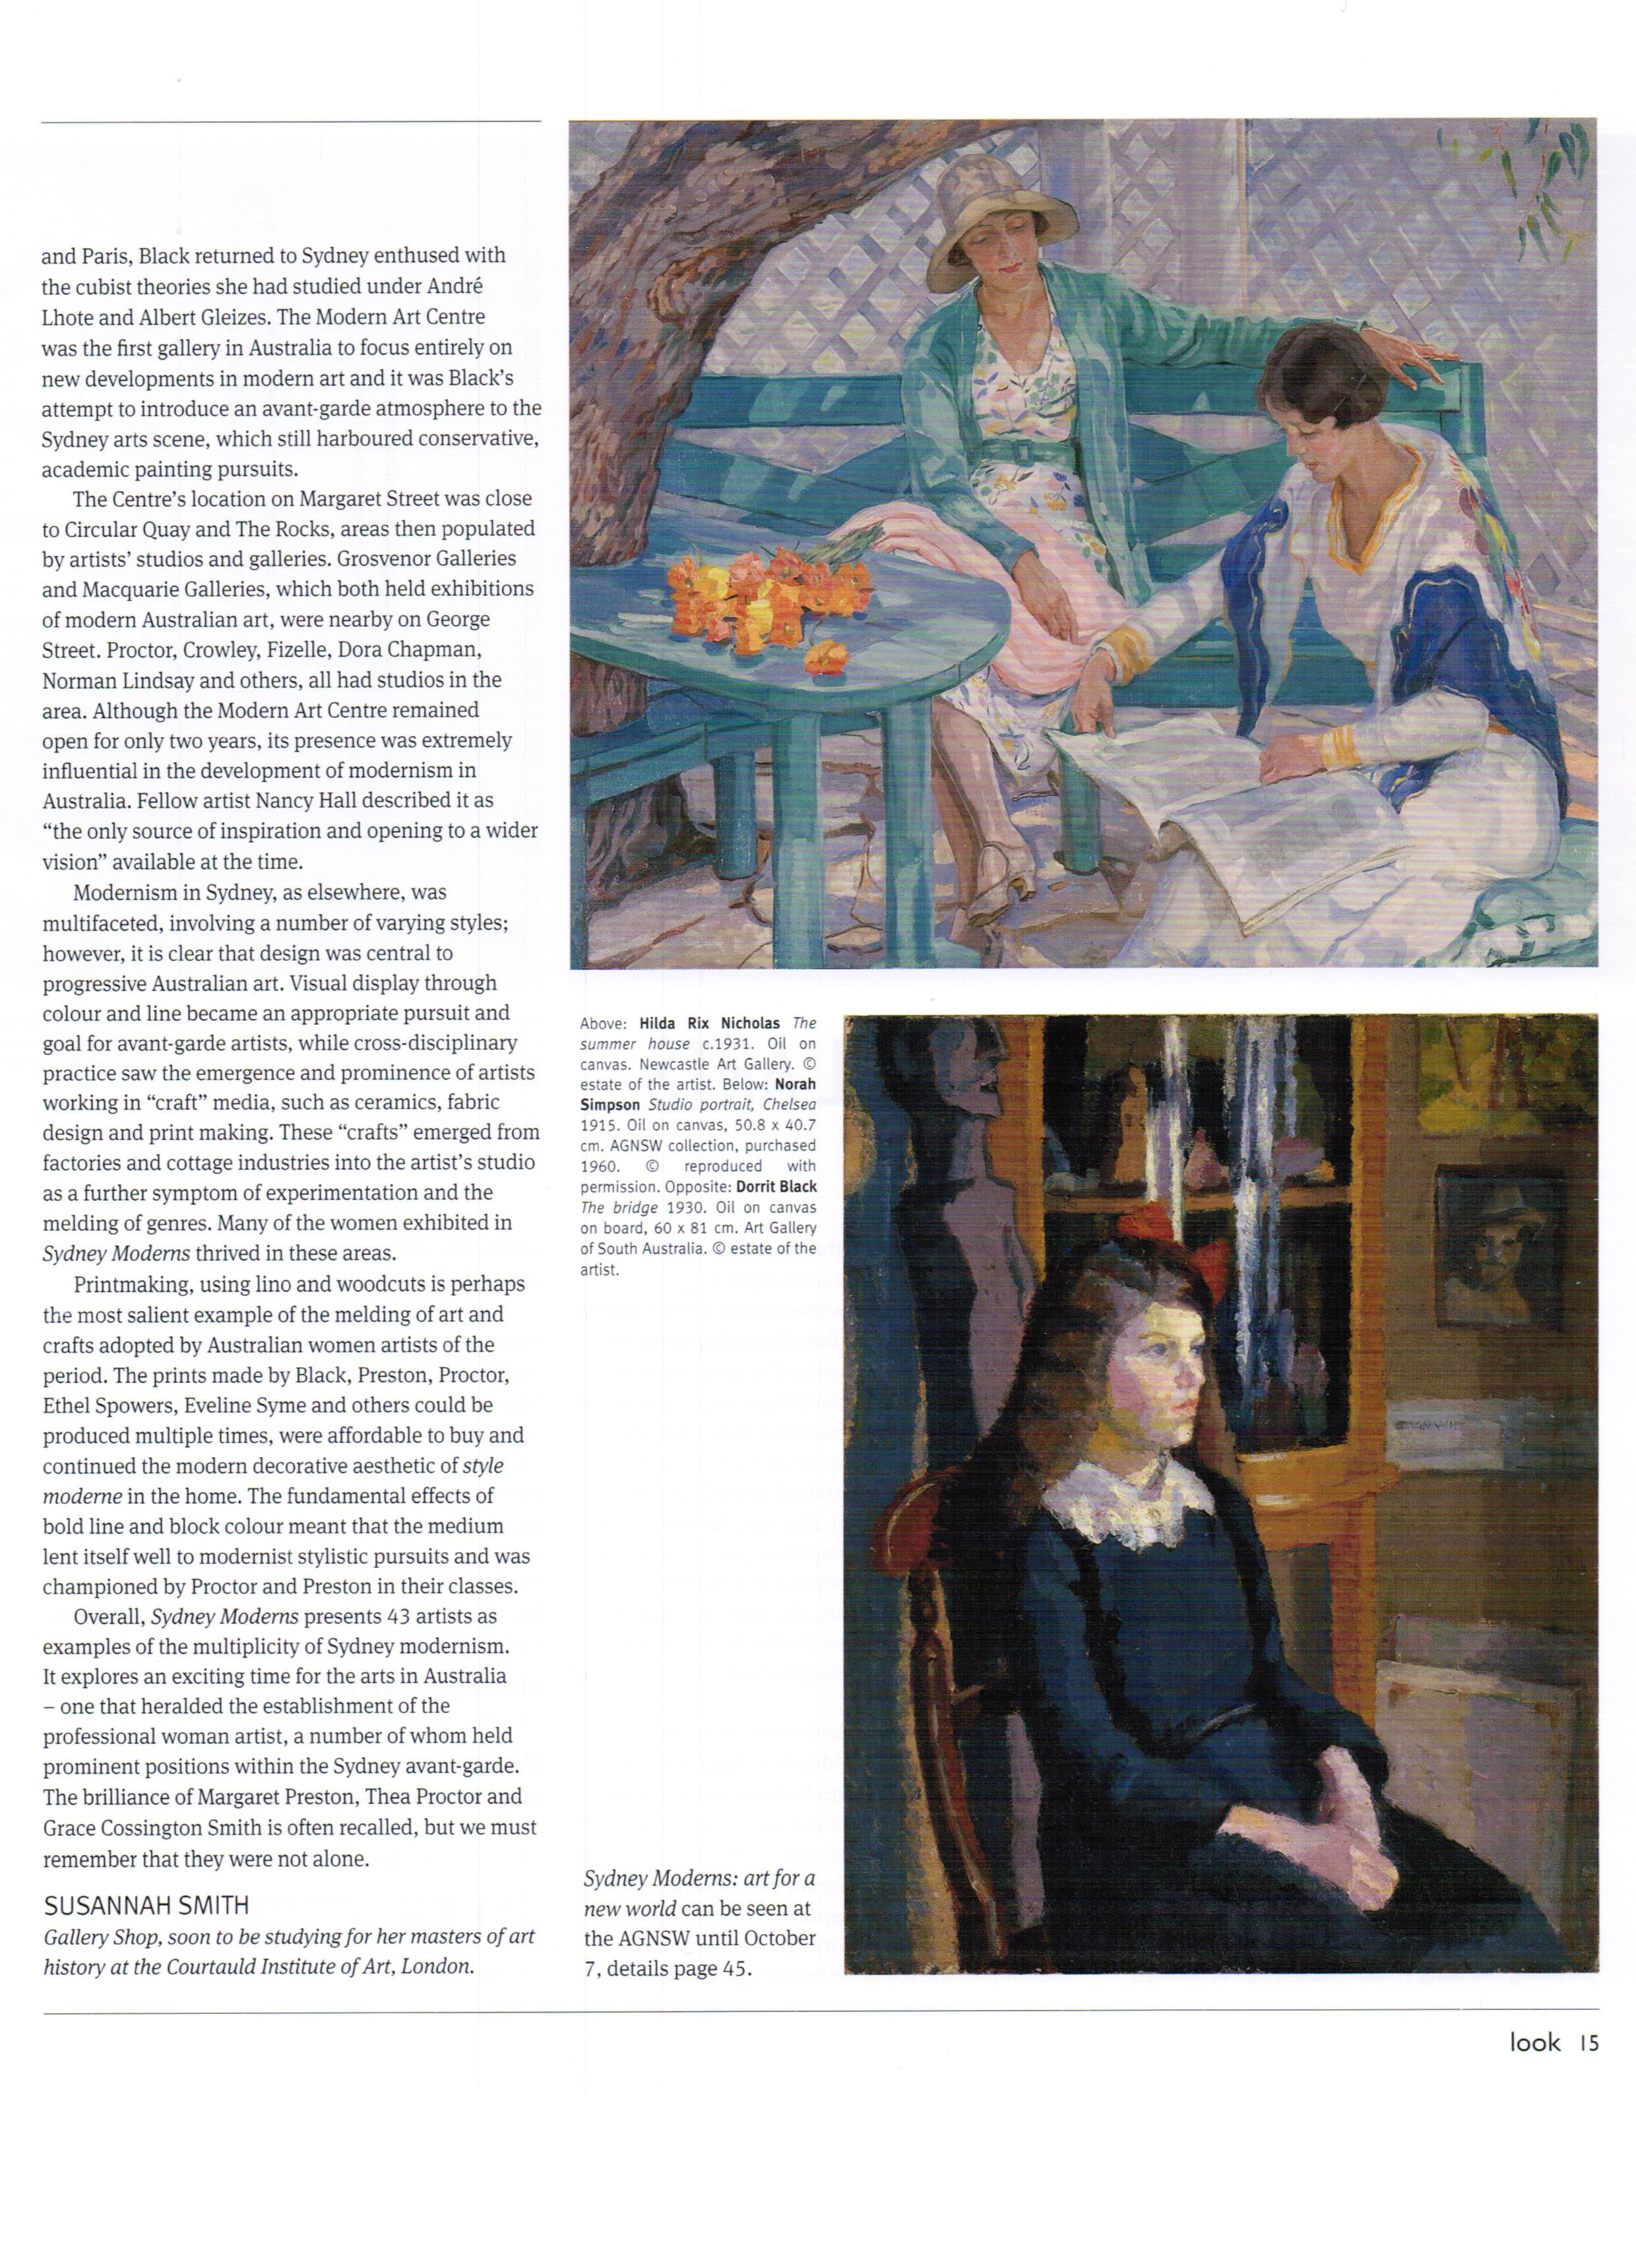 Women's Work p3 - Look August 2013